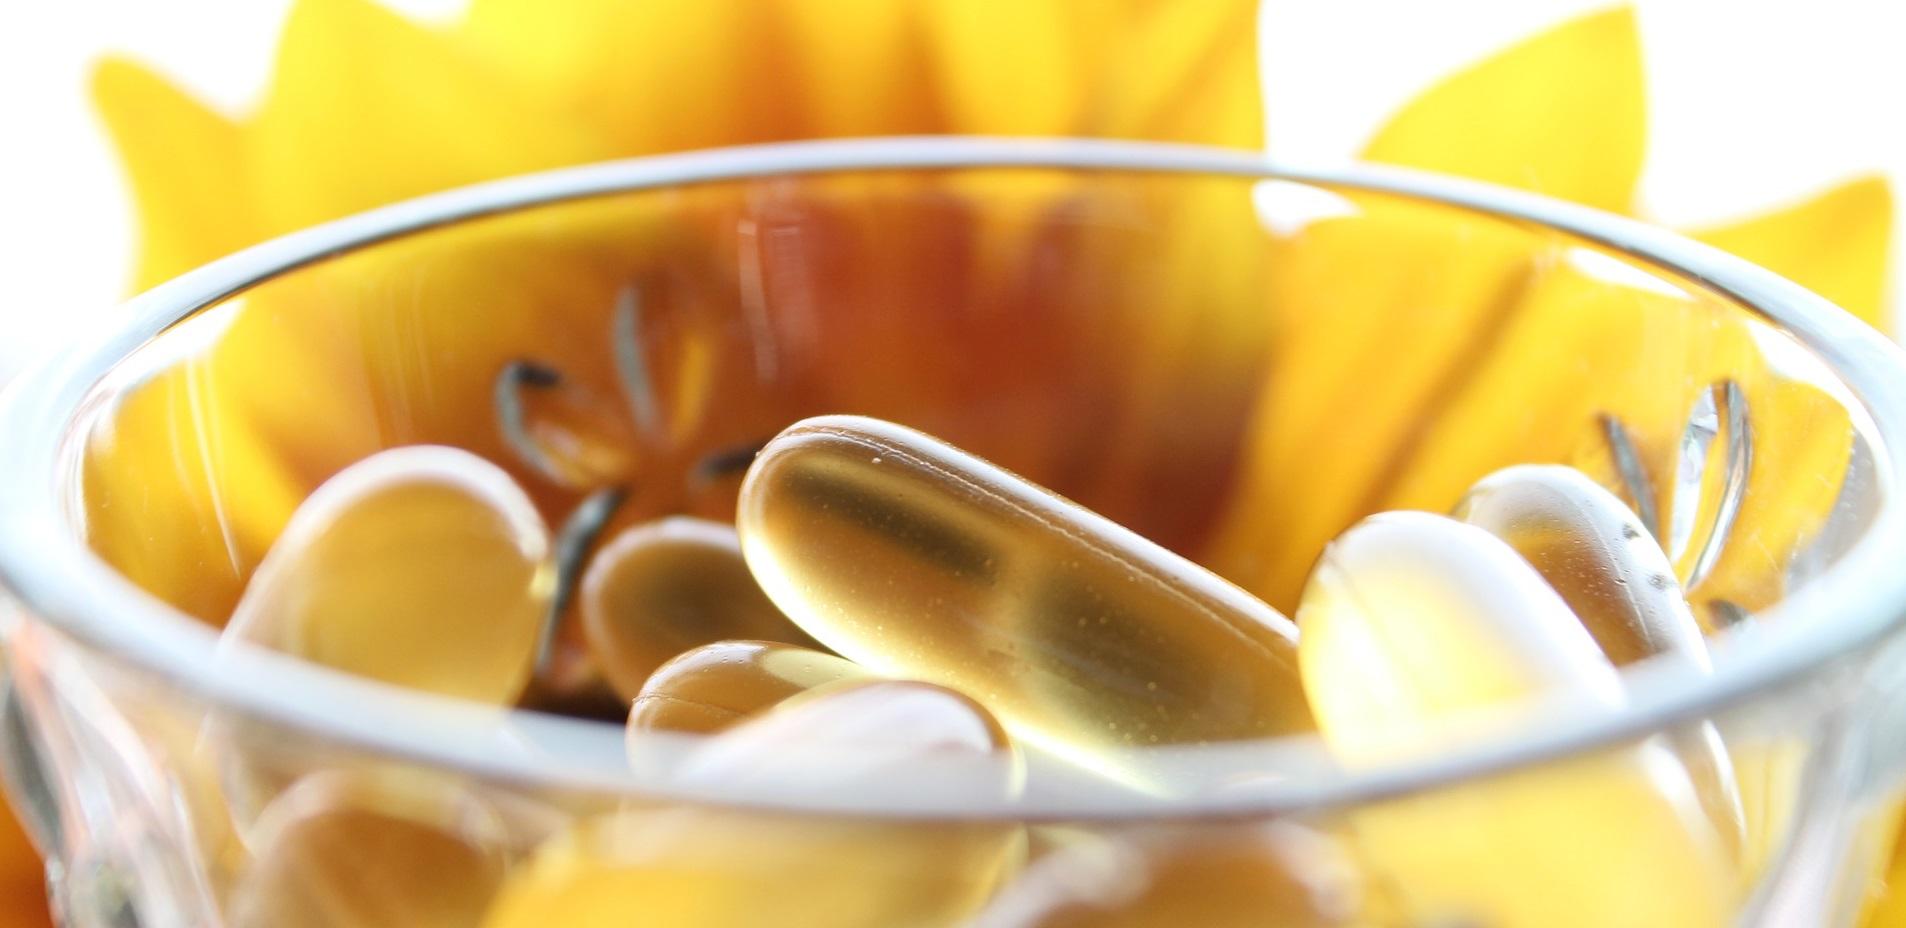 Atualização em Fármacos Biológicos: o Futuro da Indústria Farmacêutica Moderna